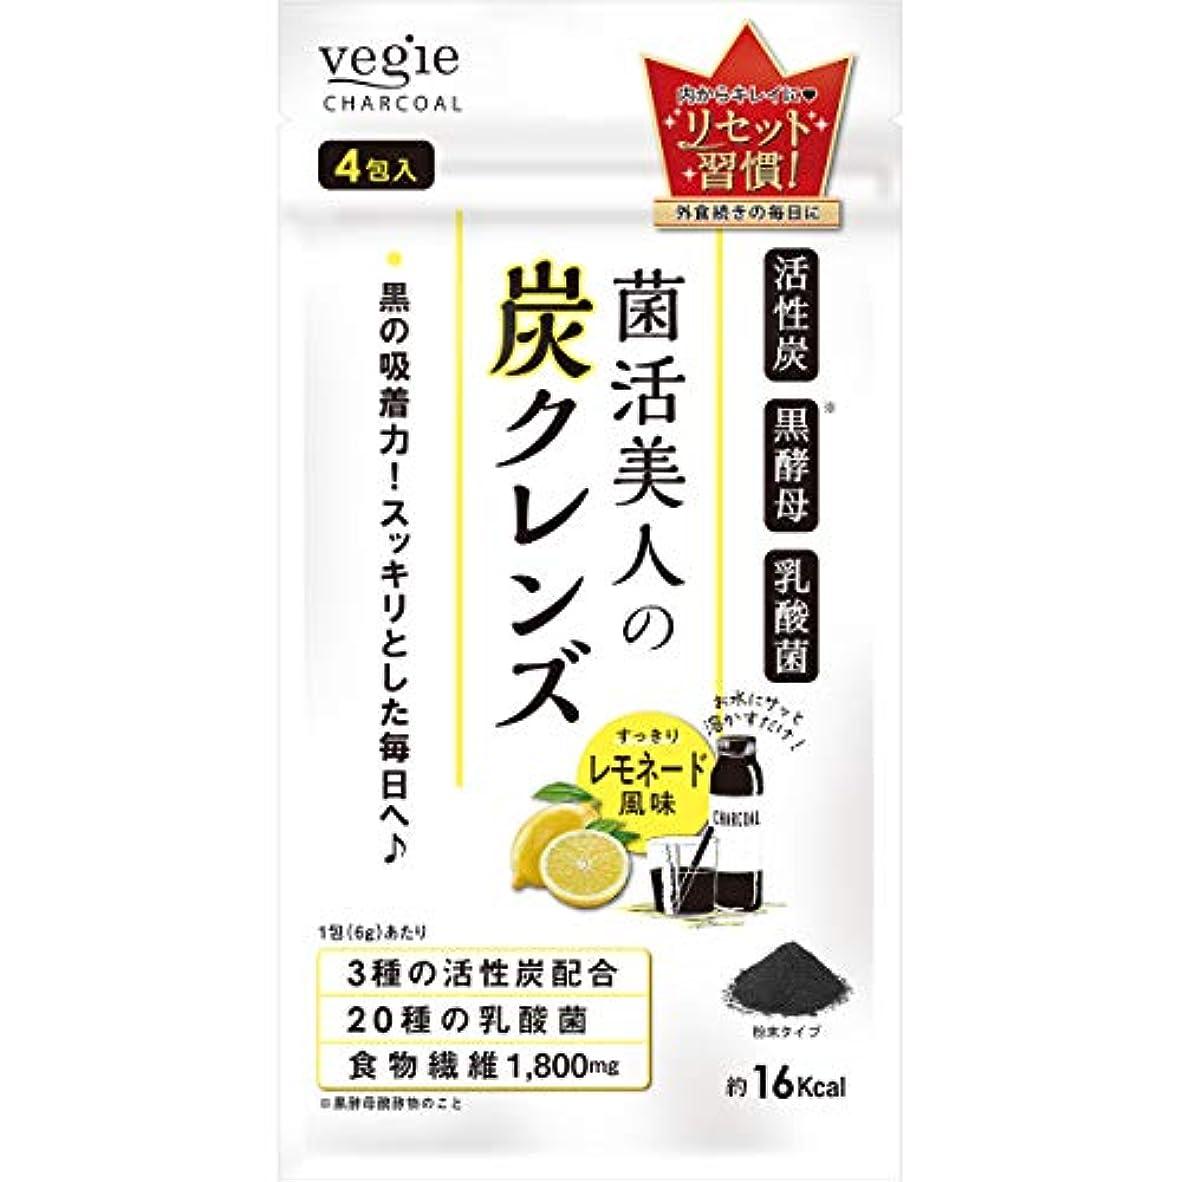 絶対の食い違い商業のベジエ 菌活美人の炭クレンズ 4包